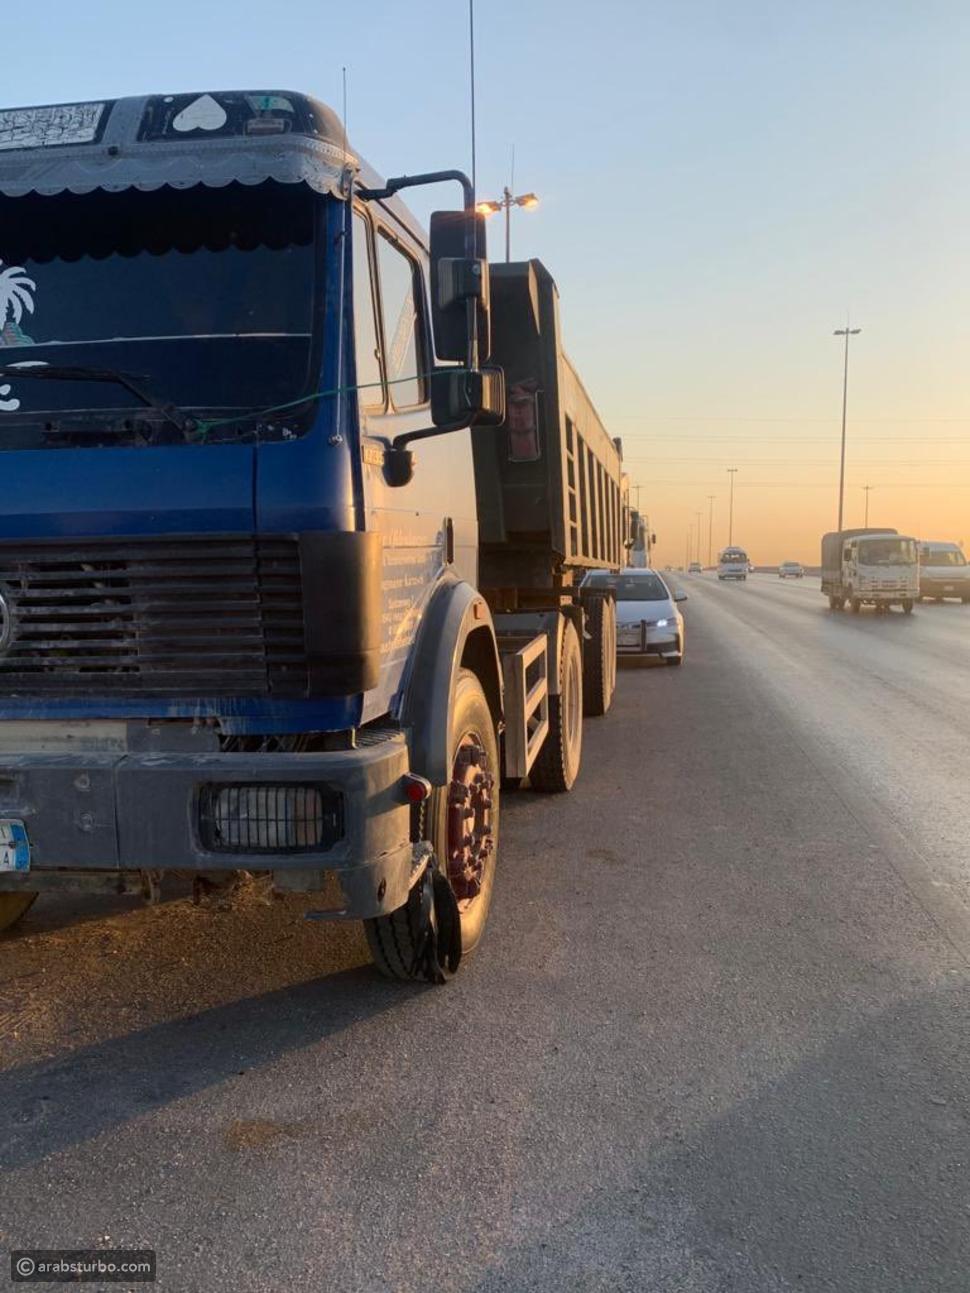 السعودية: تحايل الشاحنات على نقاط الرصد والمرور يتفاعل